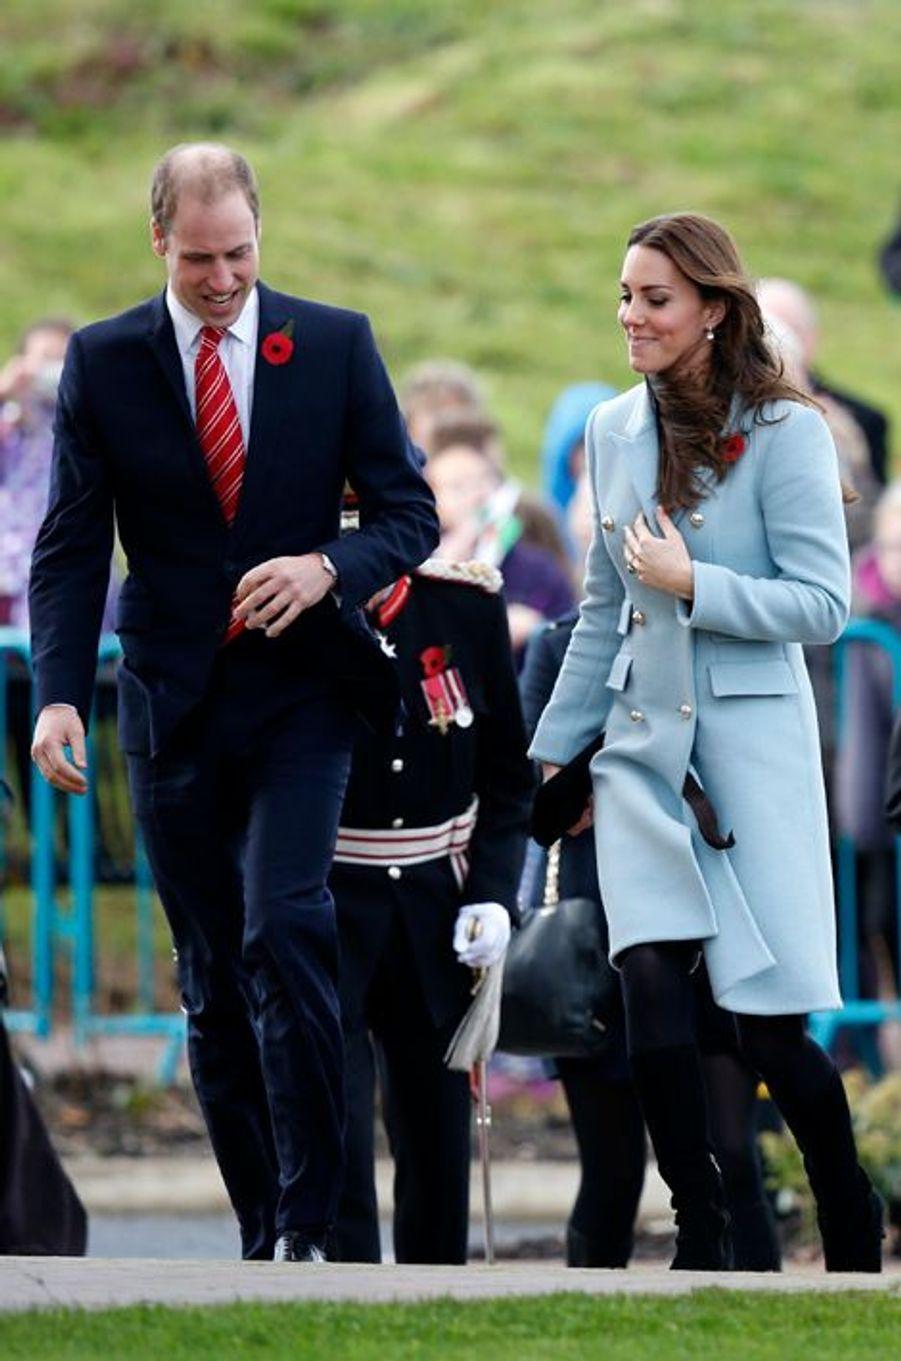 Le prince William et Kate Middleton visitent la raffinerie Valero à Pembroke, le 8 novembre 2014